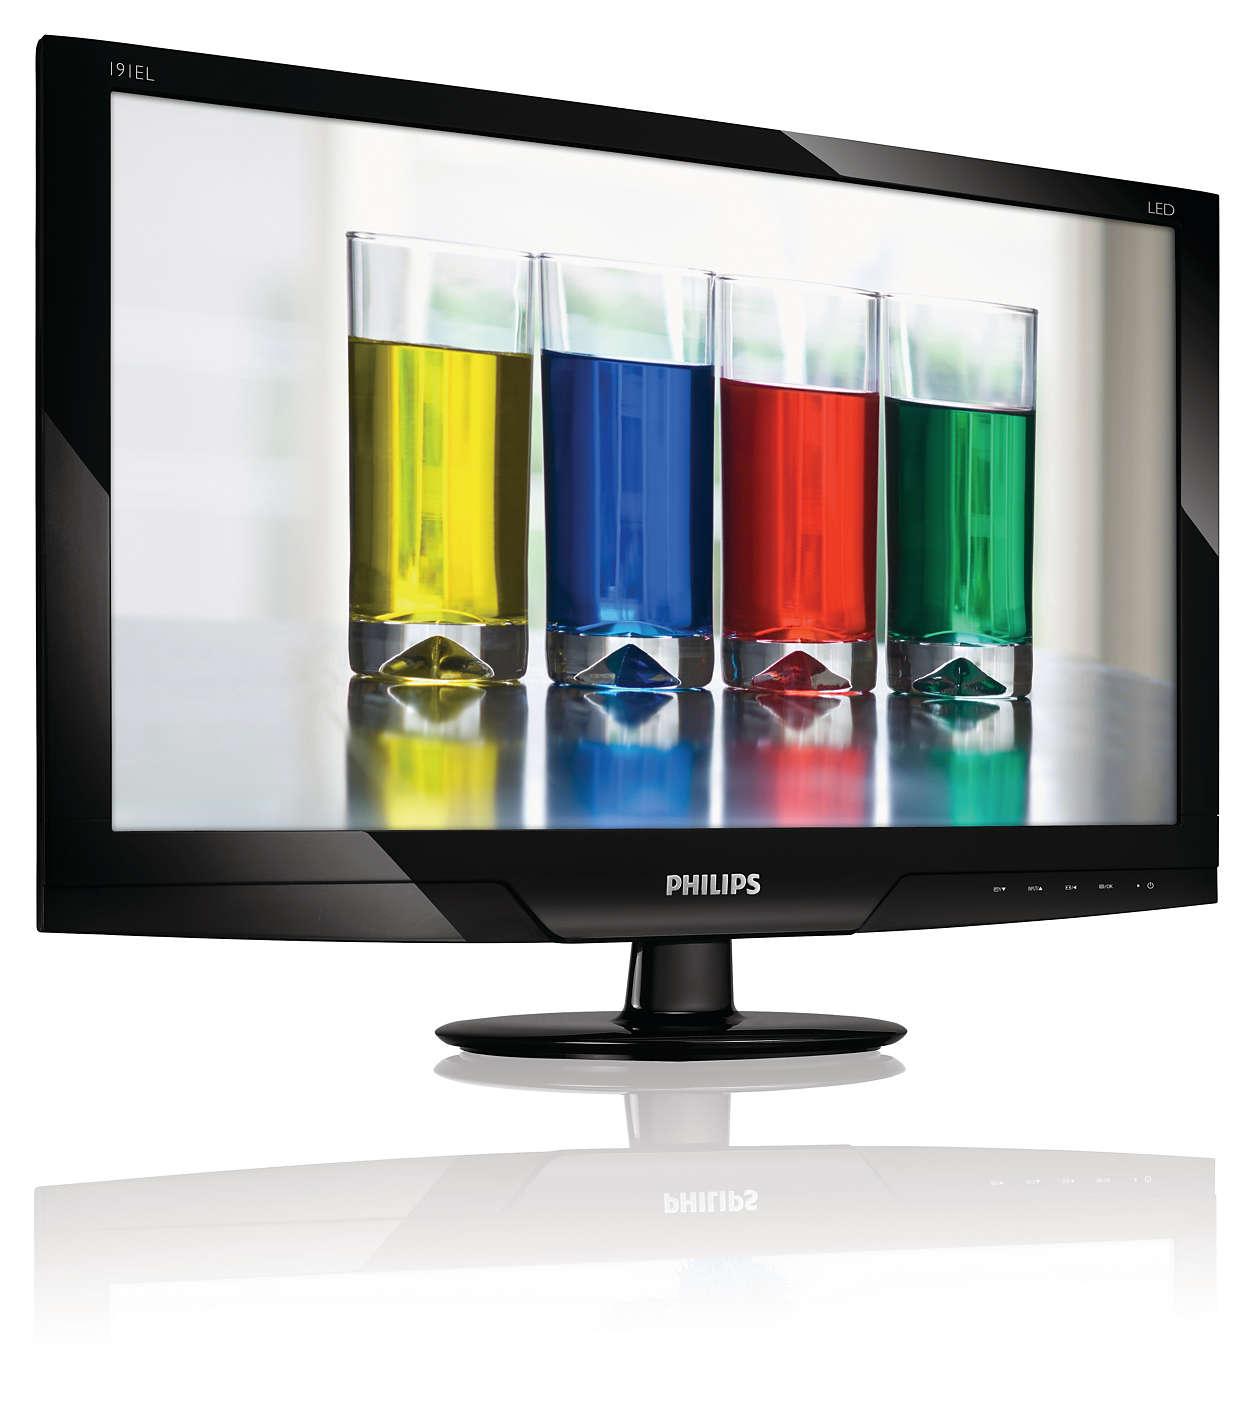 外型纖細動人的 LED 顯示器呈現自然色彩